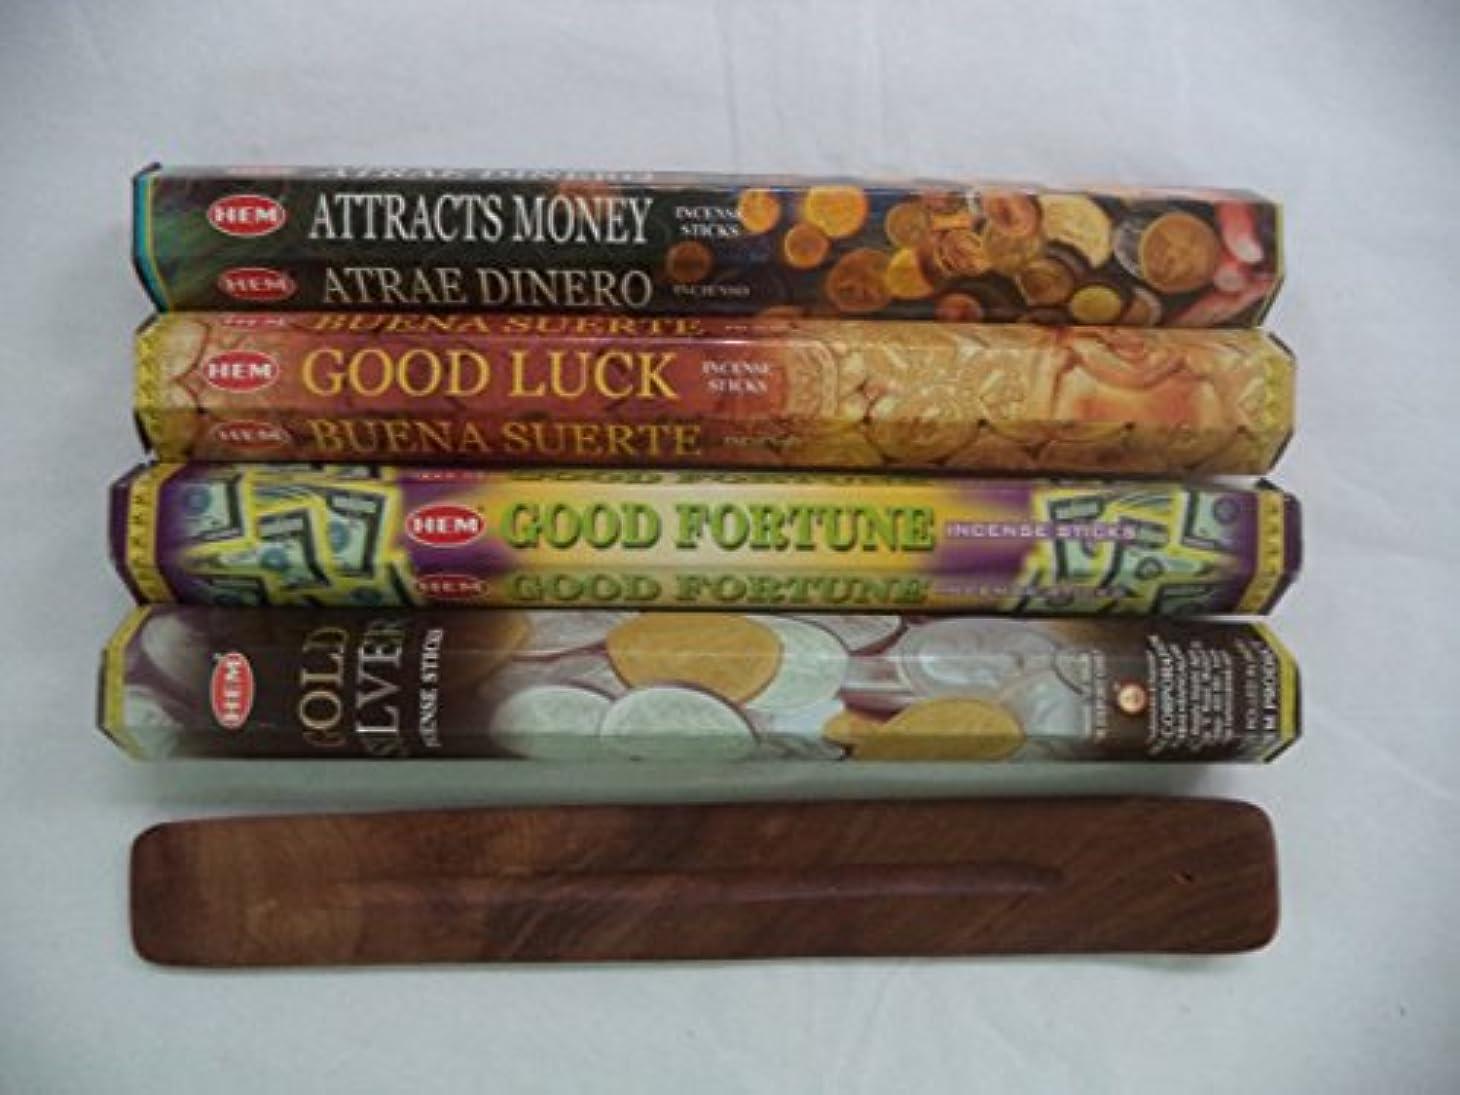 季節緑見る人Hemお香スティックattracts money good luck good fortuneゴールドシルバー= 80 Sticks + Burner 。